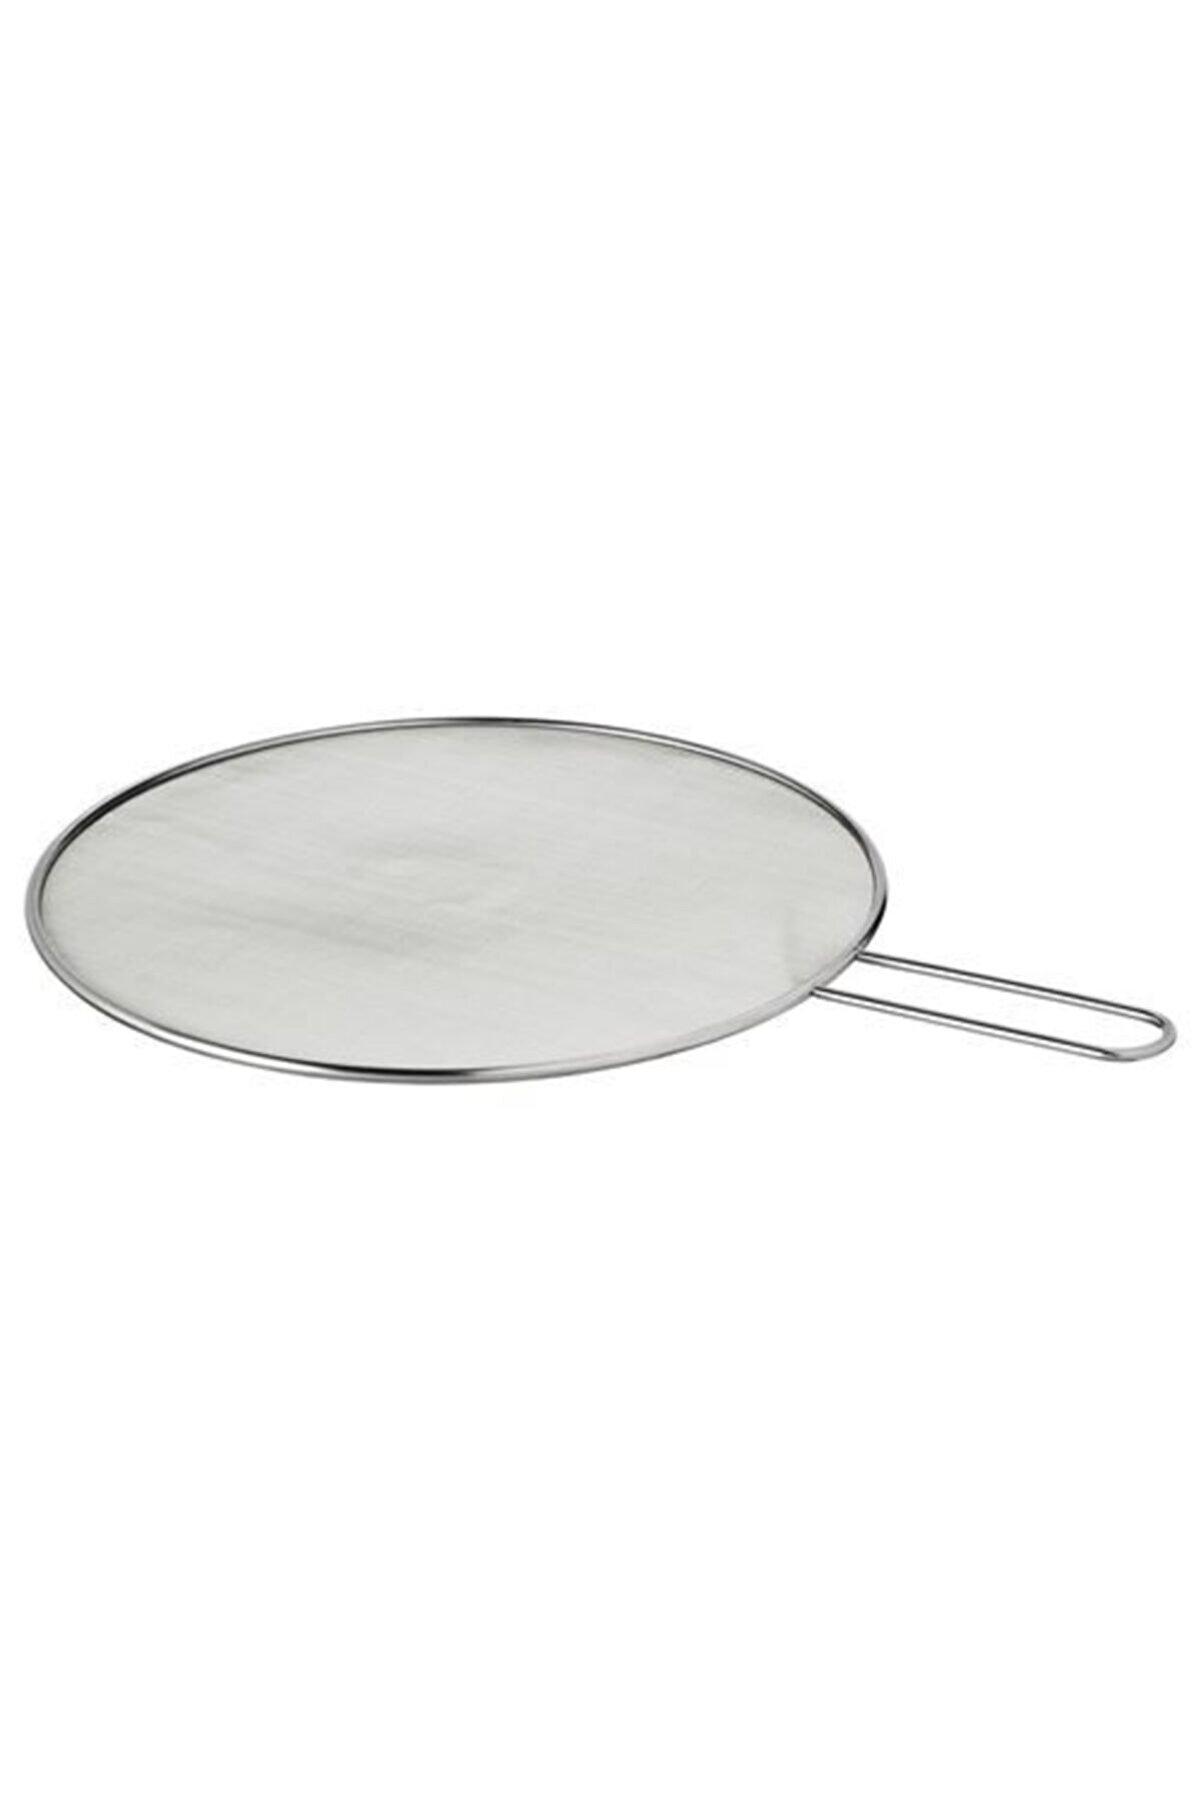 IKEA Yağ Sıçratmaz Pratik Mutfak Gereci Meridyendukkan 34 Cm Çelik Adet